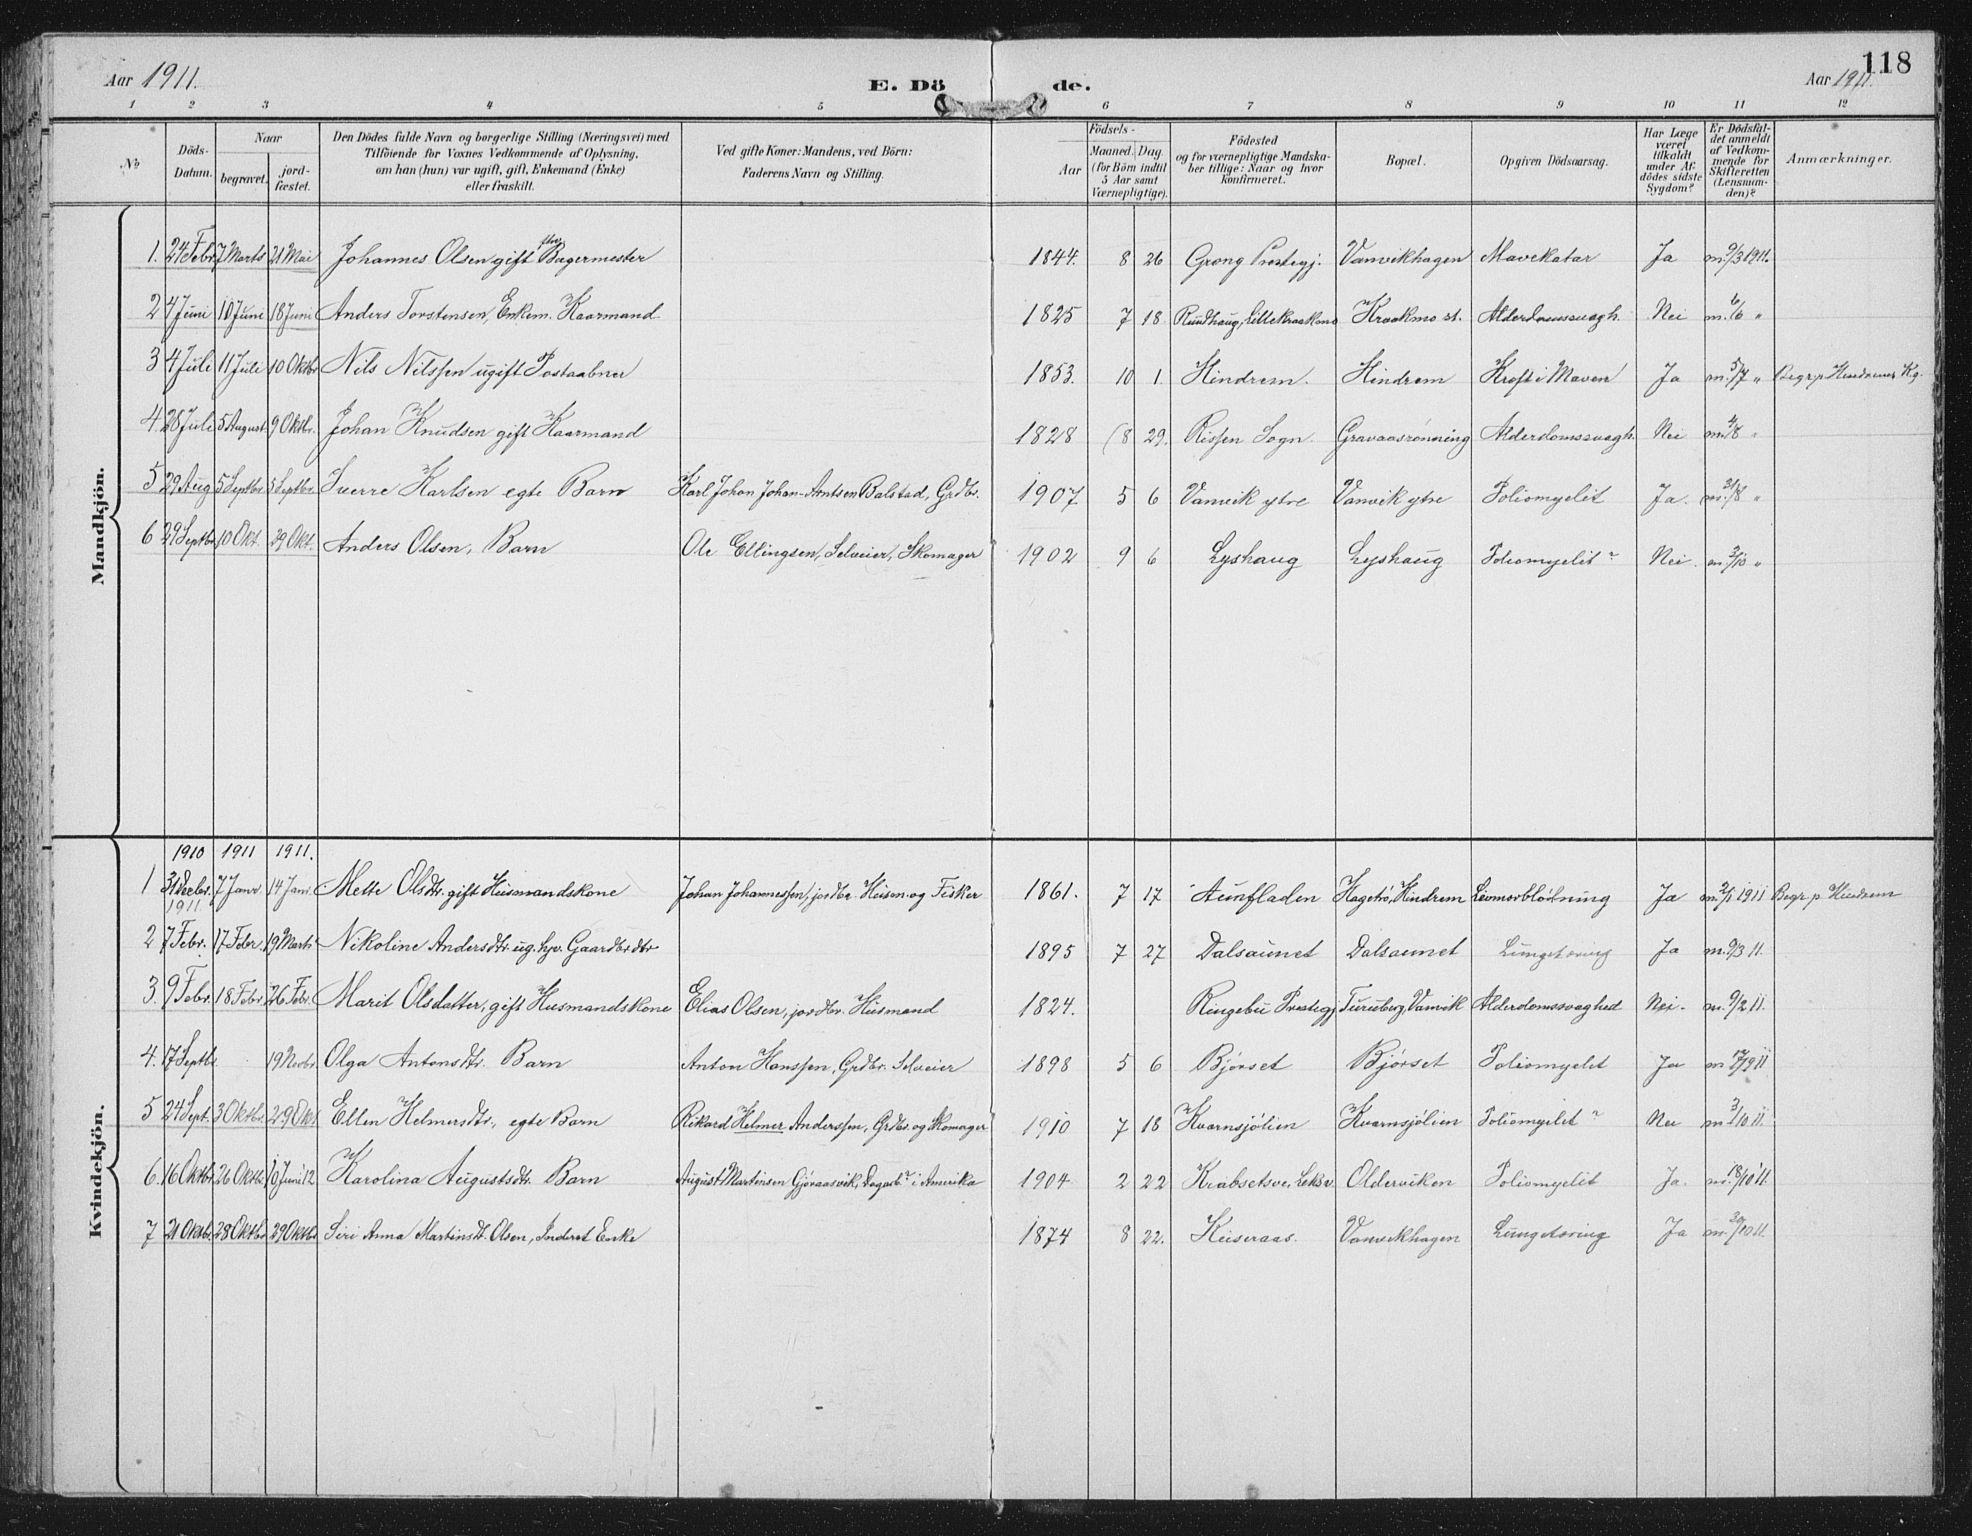 SAT, Ministerialprotokoller, klokkerbøker og fødselsregistre - Nord-Trøndelag, 702/L0024: Ministerialbok nr. 702A02, 1898-1914, s. 118